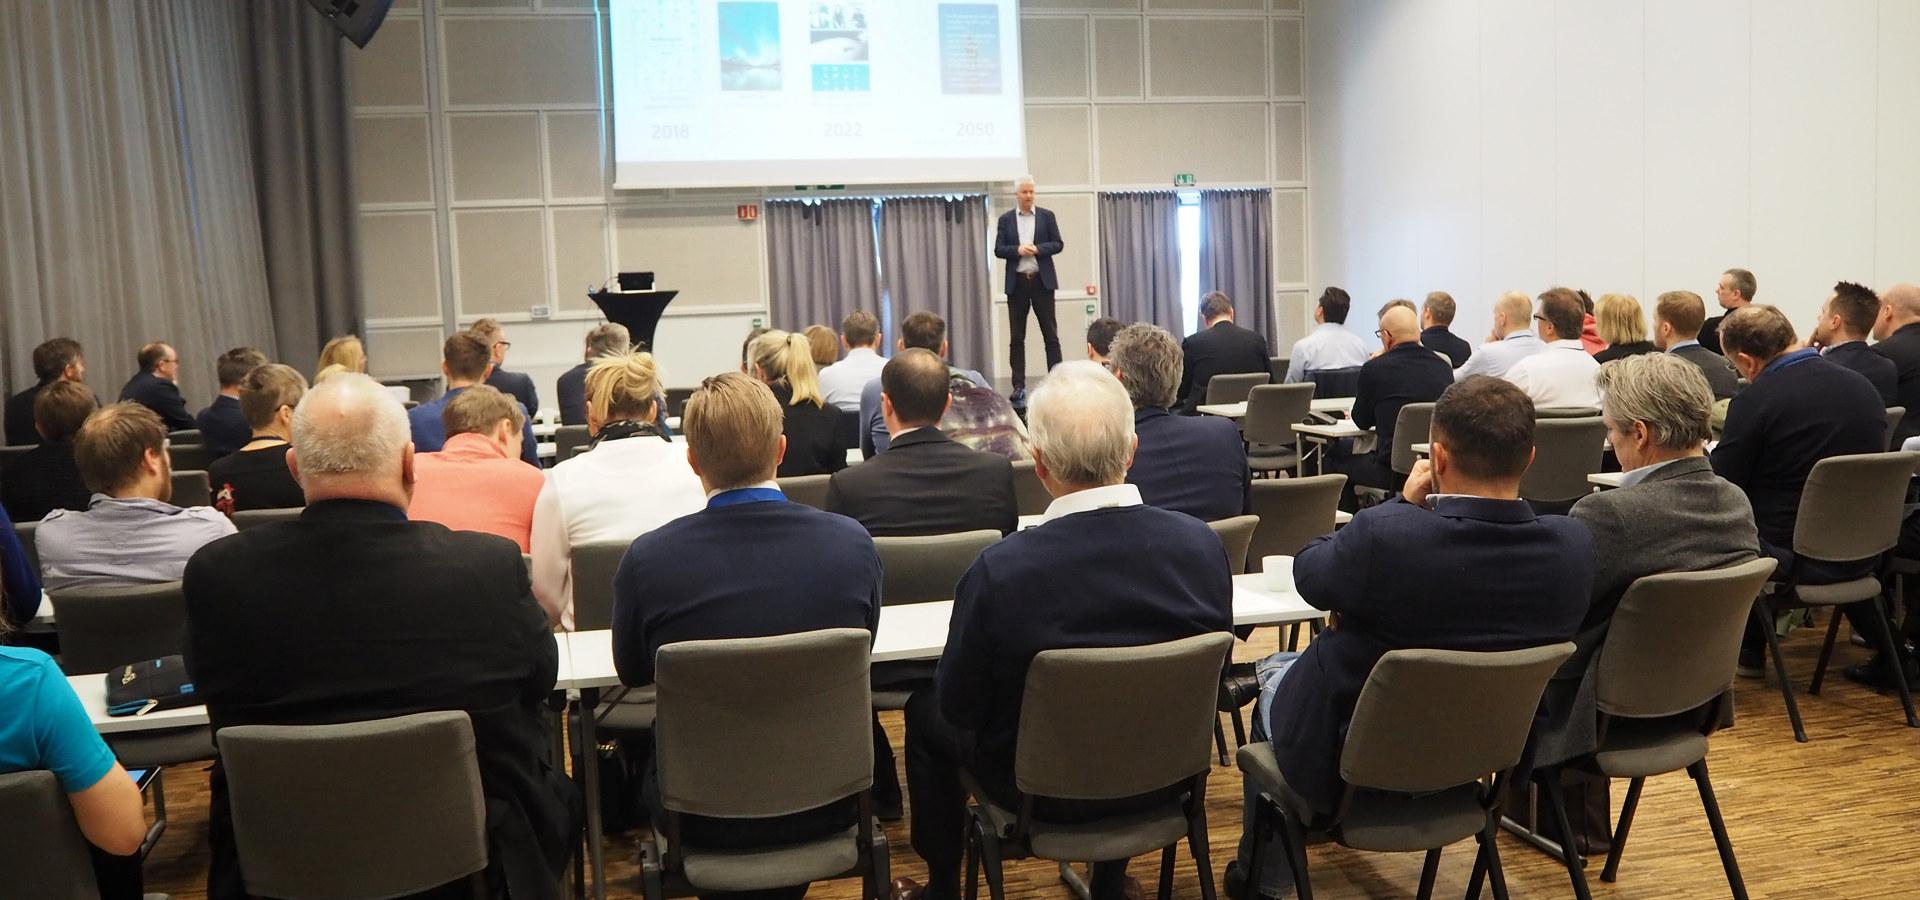 Generalforsamling for NRV og NVK 8. mars 2019. Sjeføkonom i NHO, Øystein Dørum på scenen. Foto: Cathrine W. Eidal